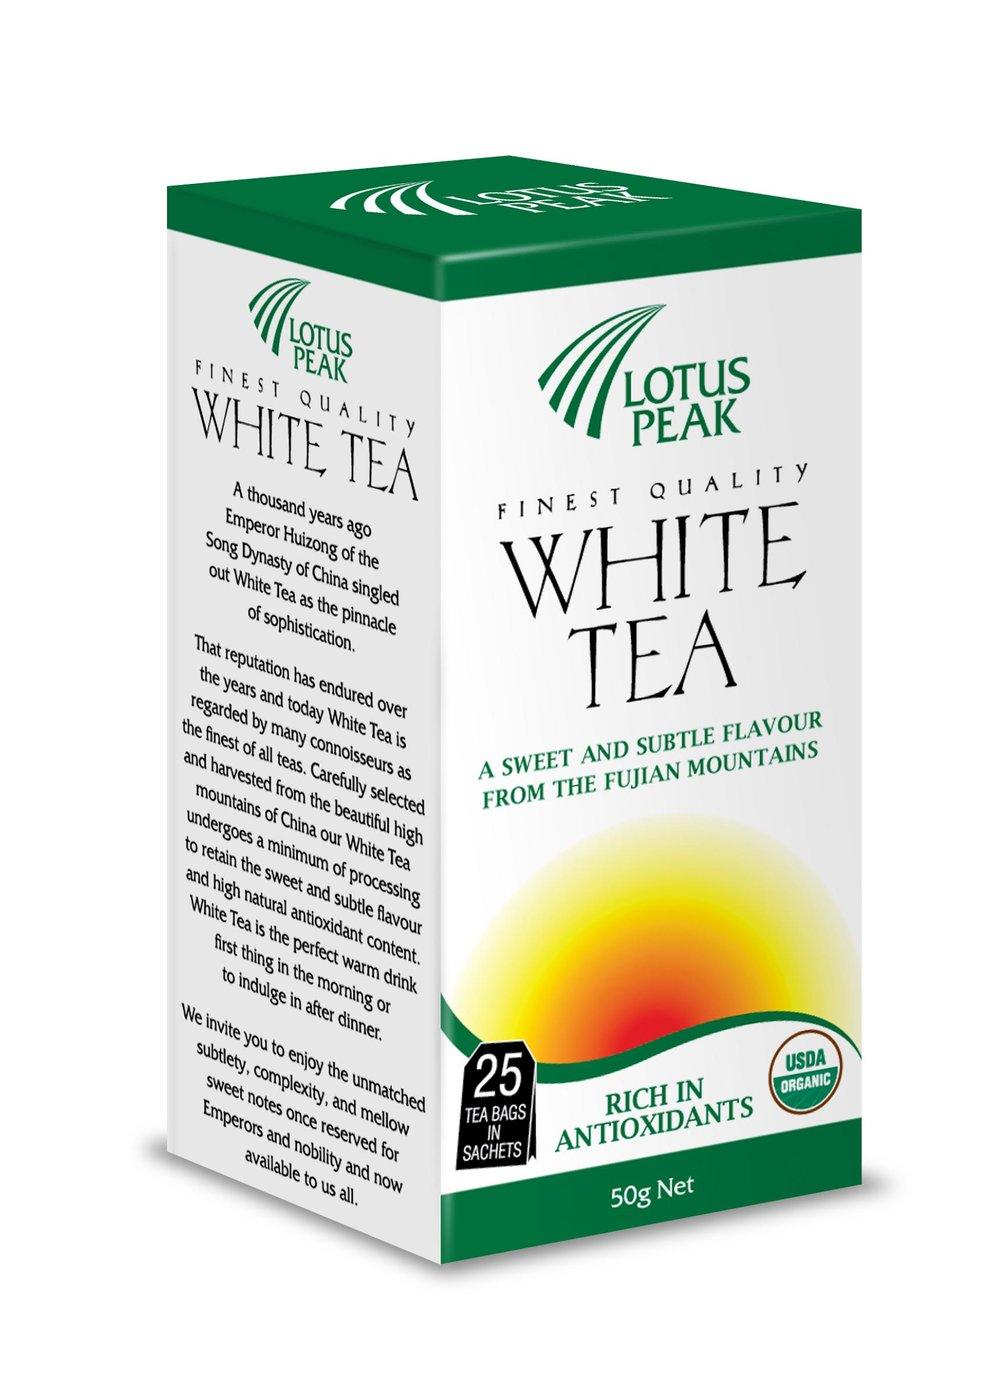 New LP White Tea 25 Pack Design - 3D.jpg